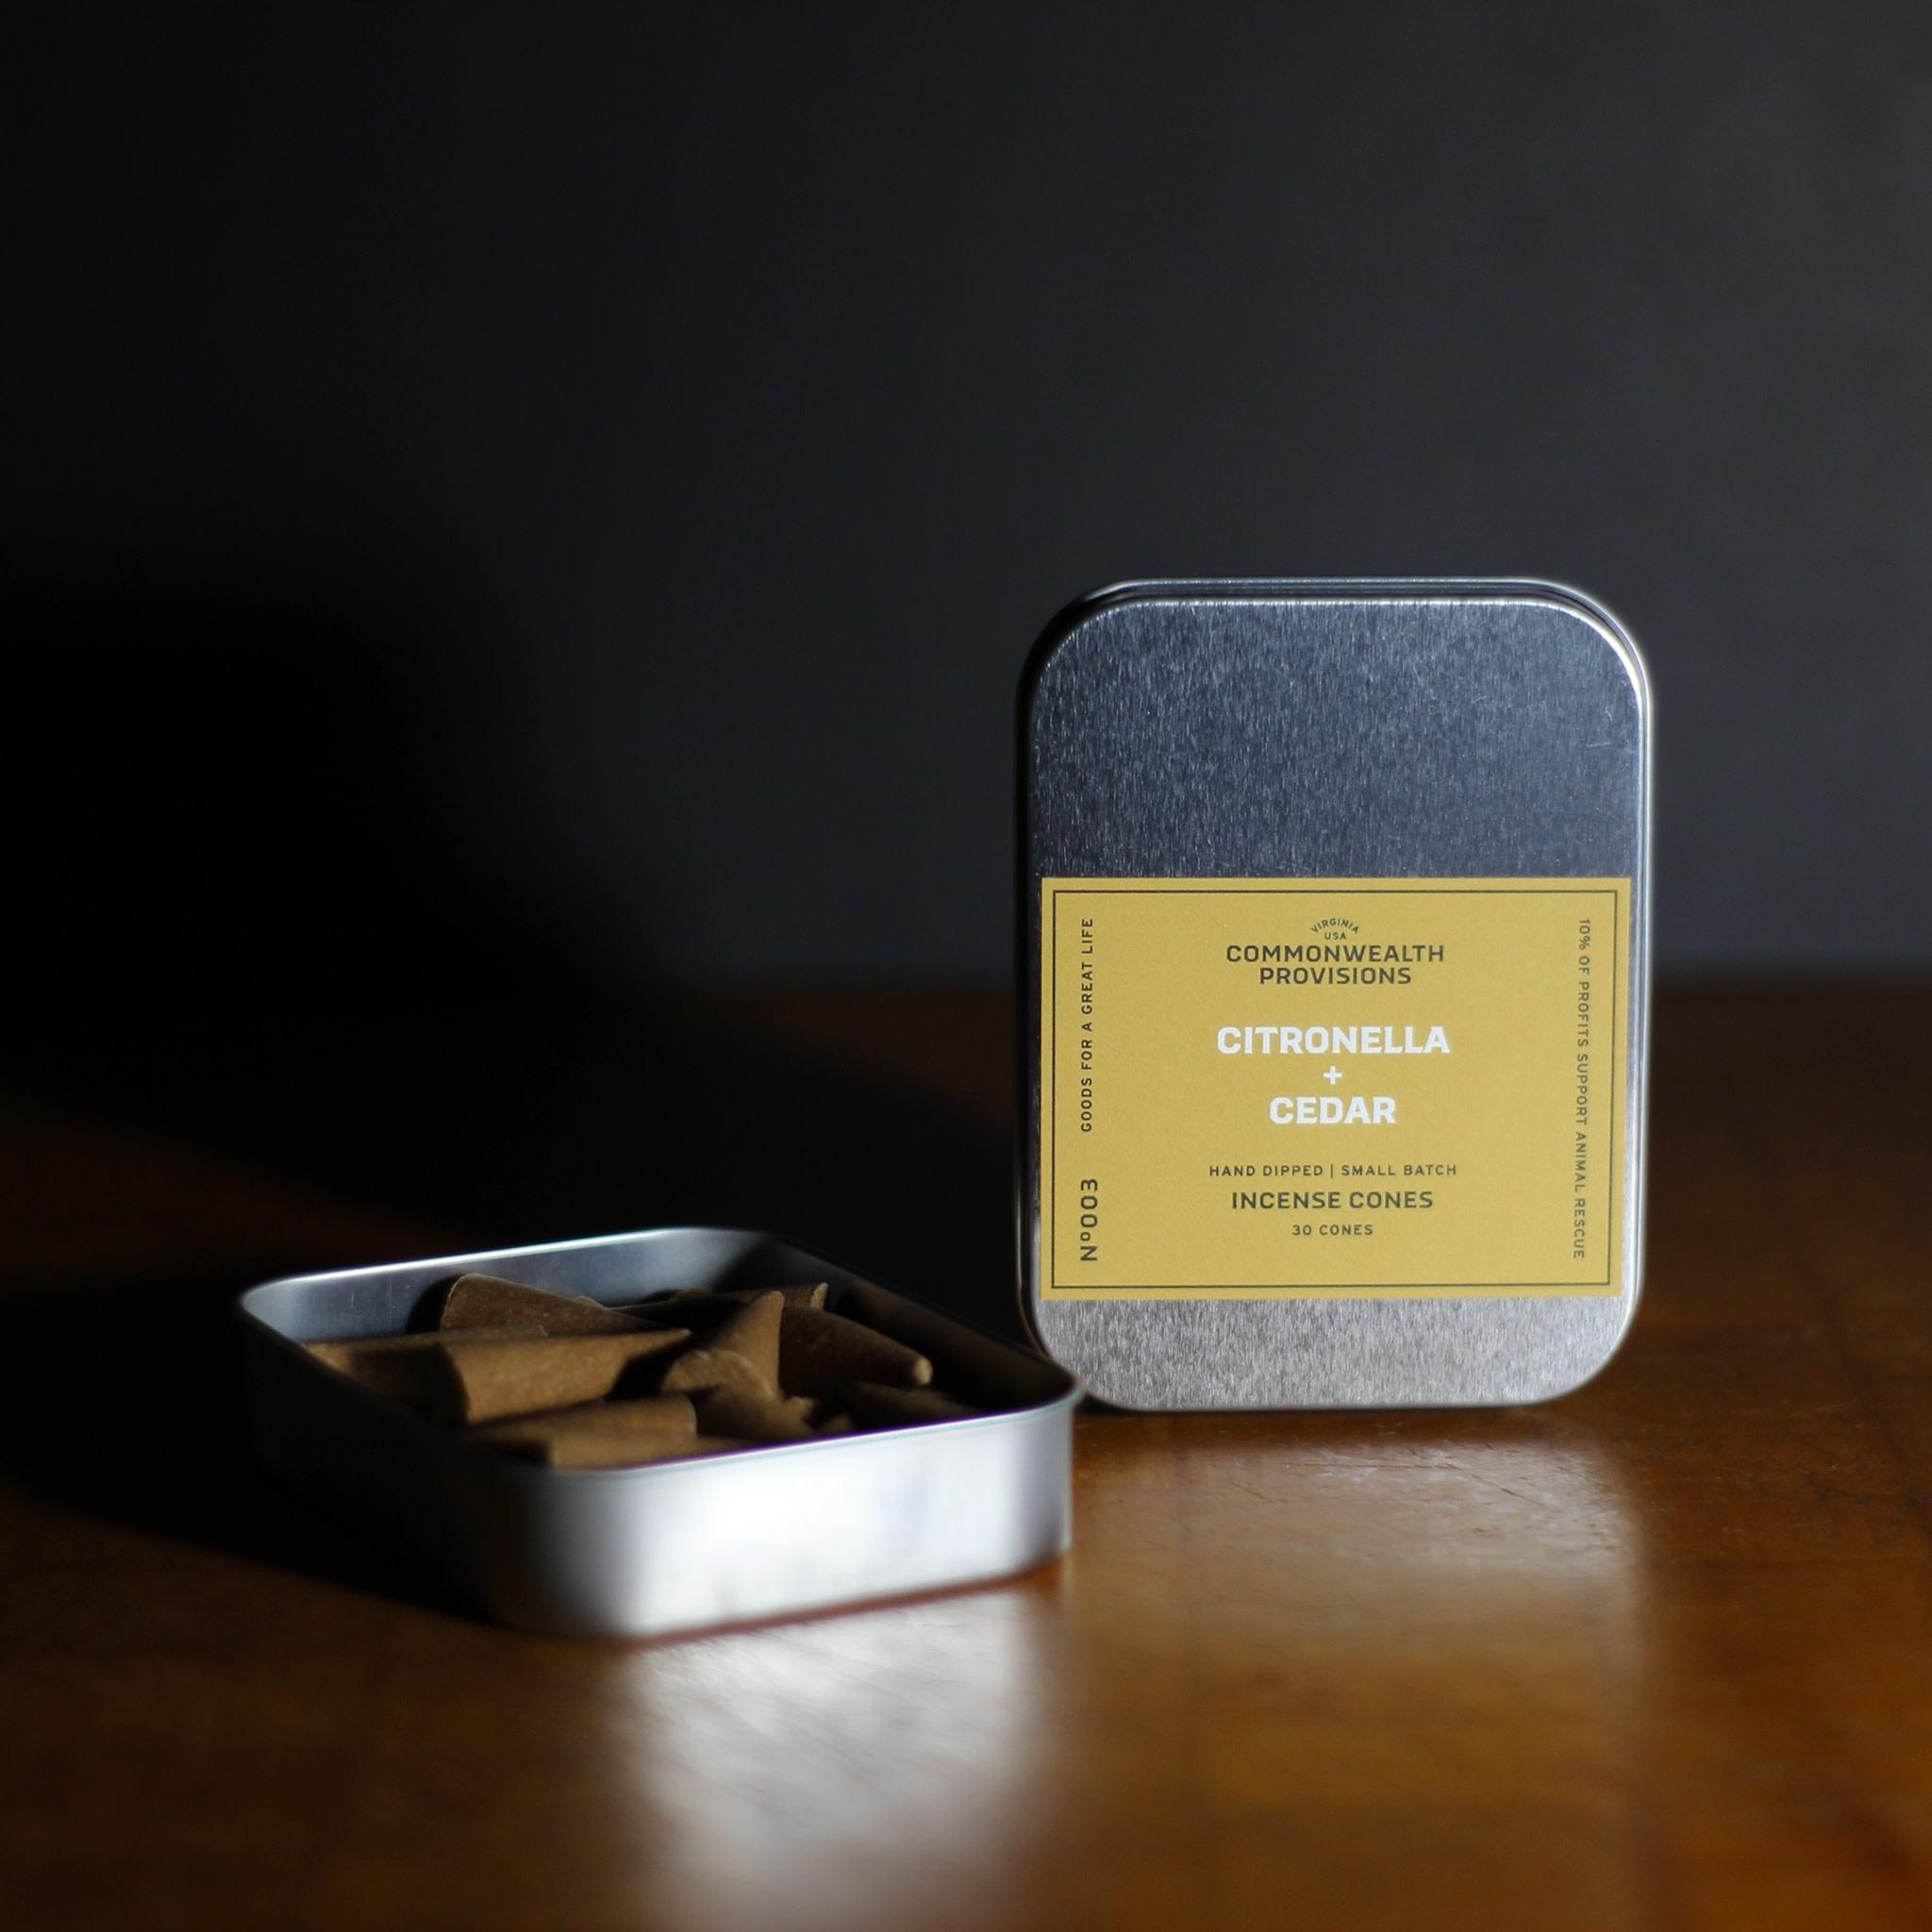 Commonwealth Provisions Citronella & Cedar Incense Cones